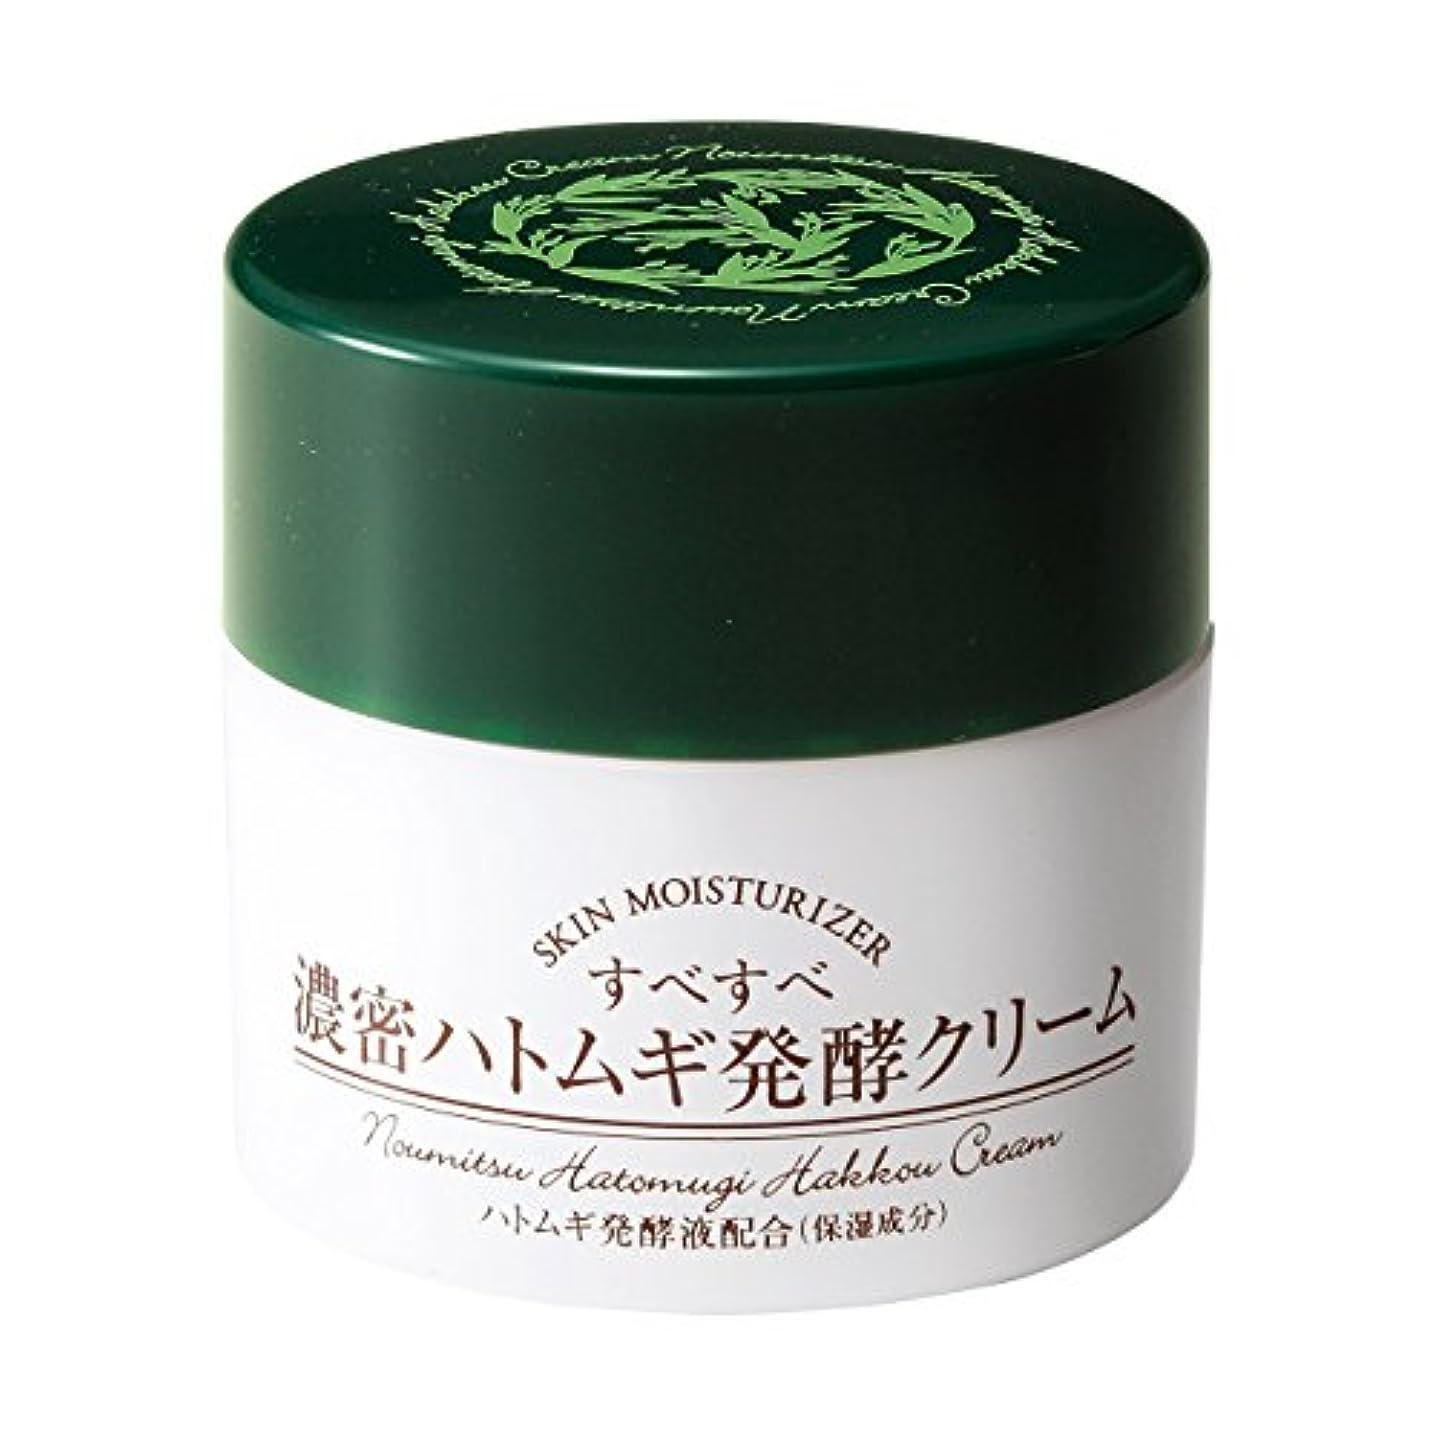 すべすべ濃密ハトムギ発酵 クリーム 59688